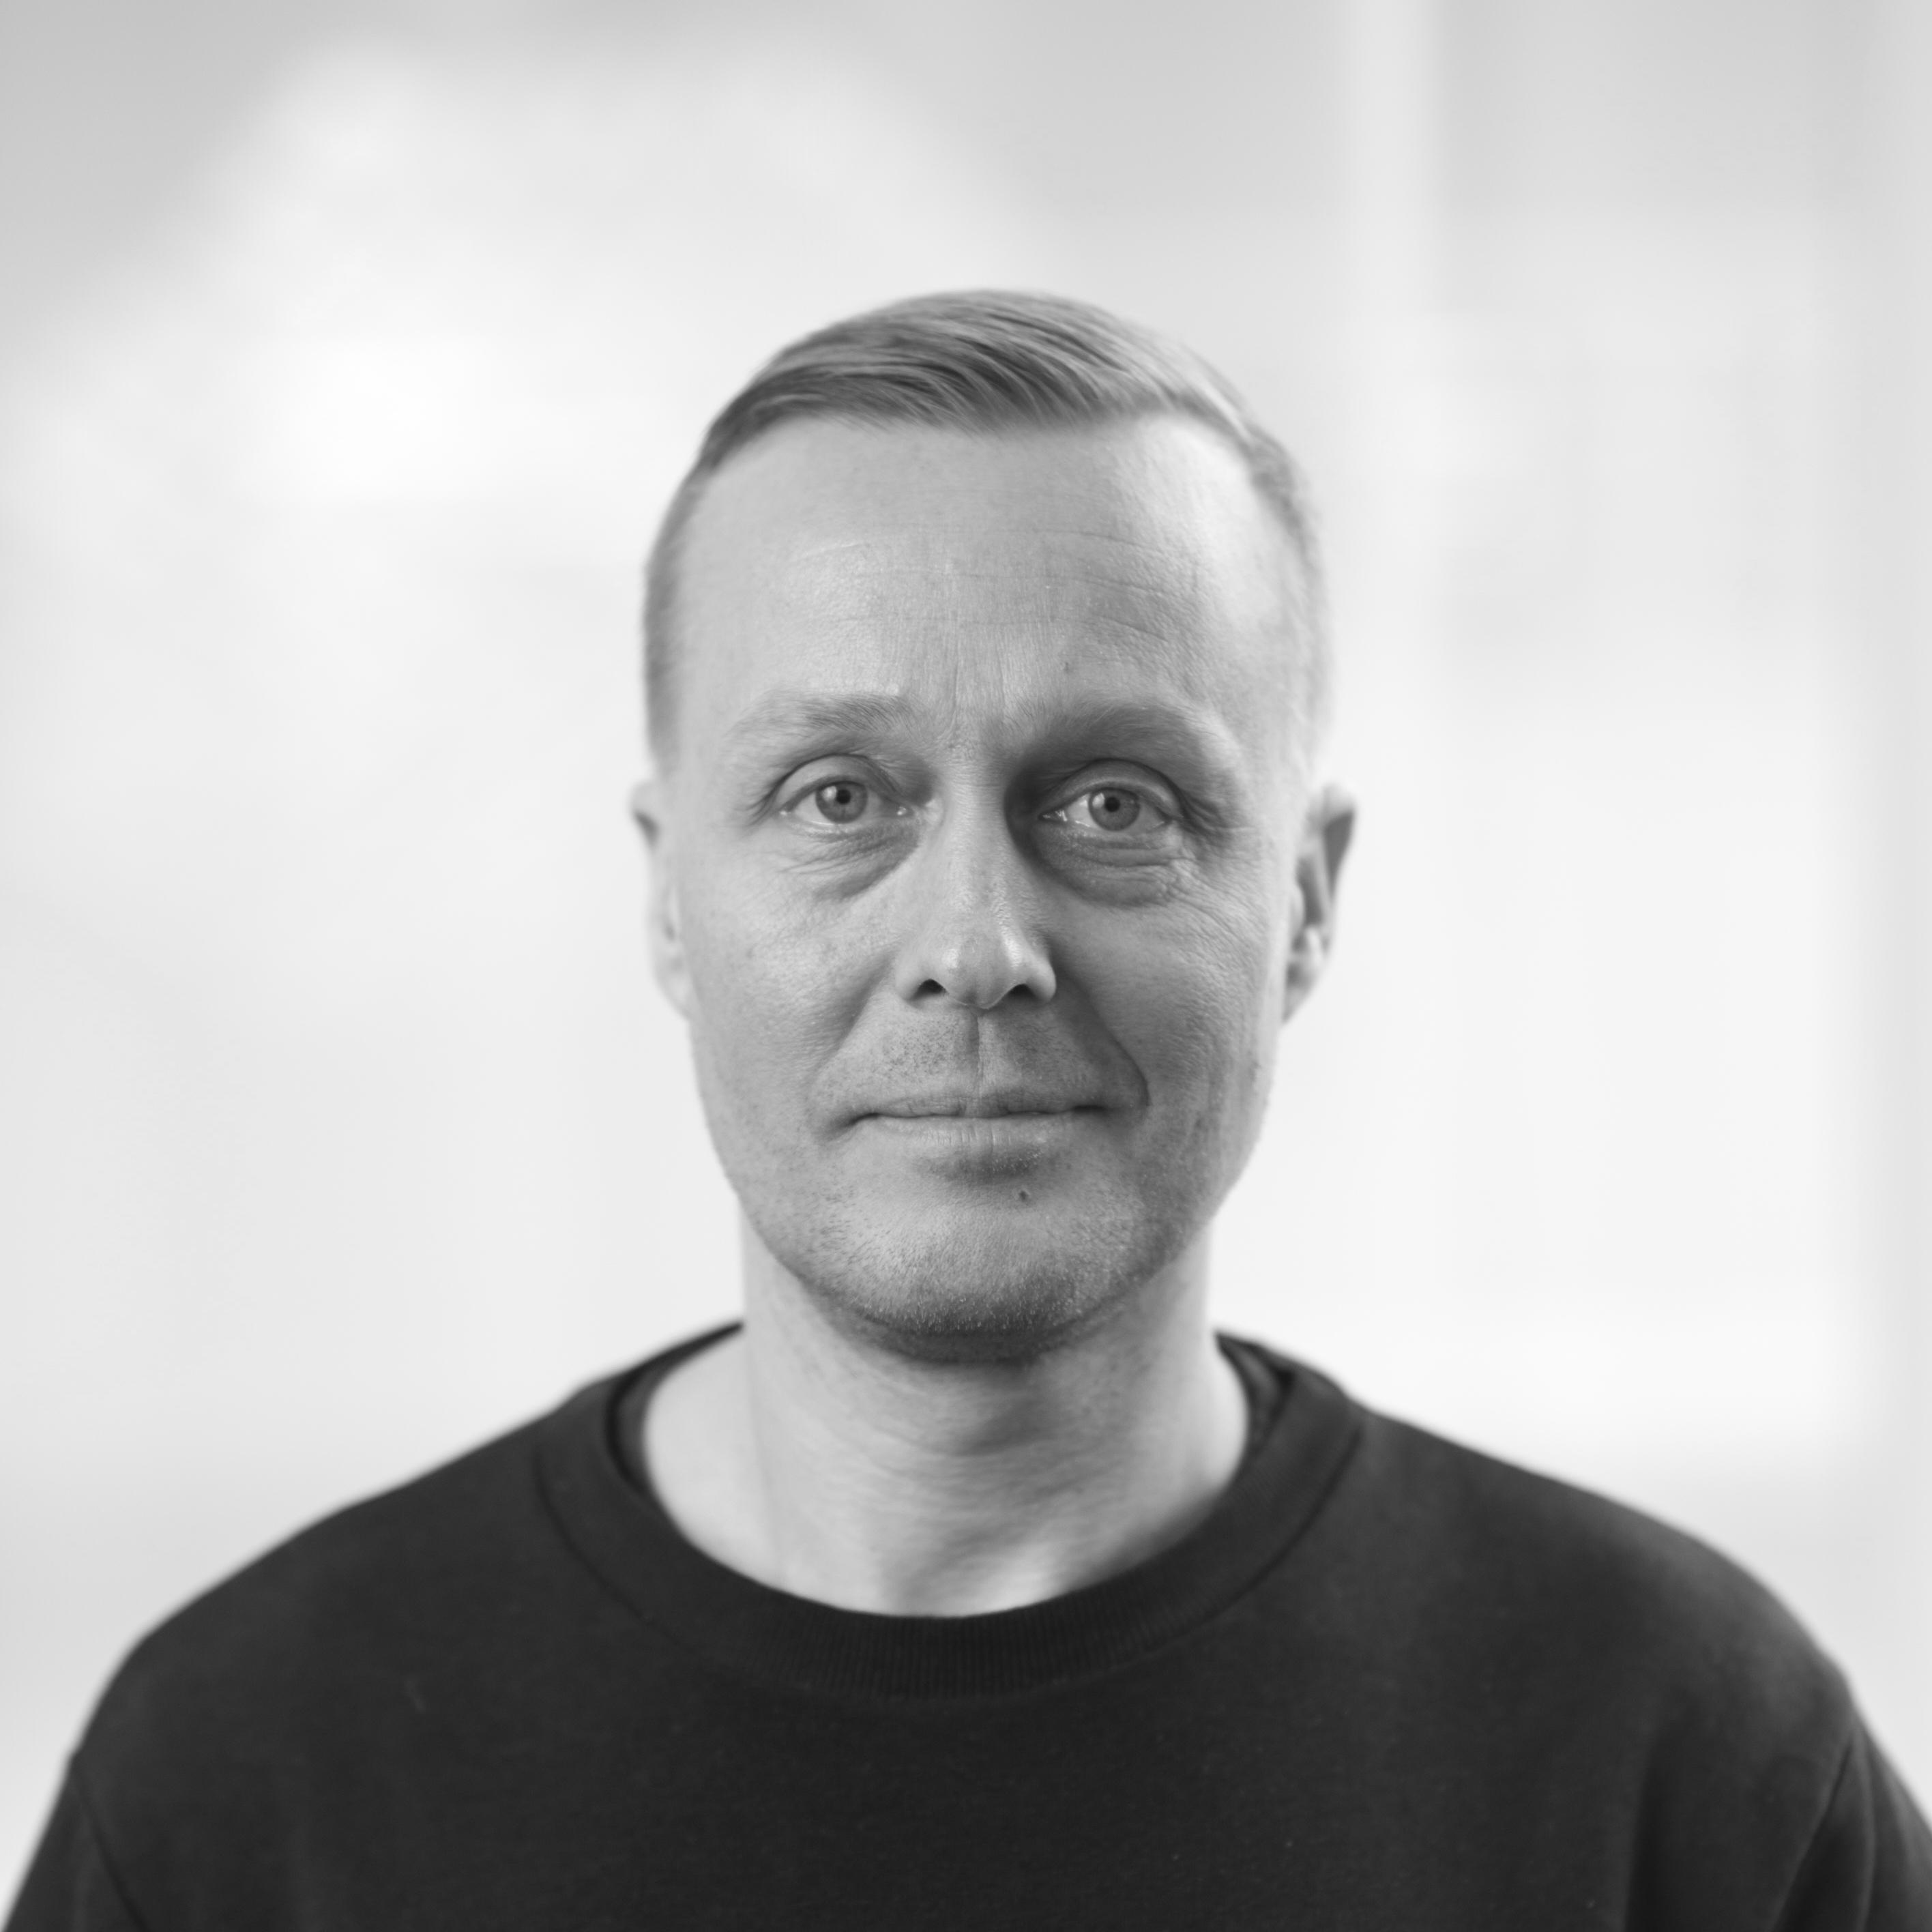 Jarmo Lumpus